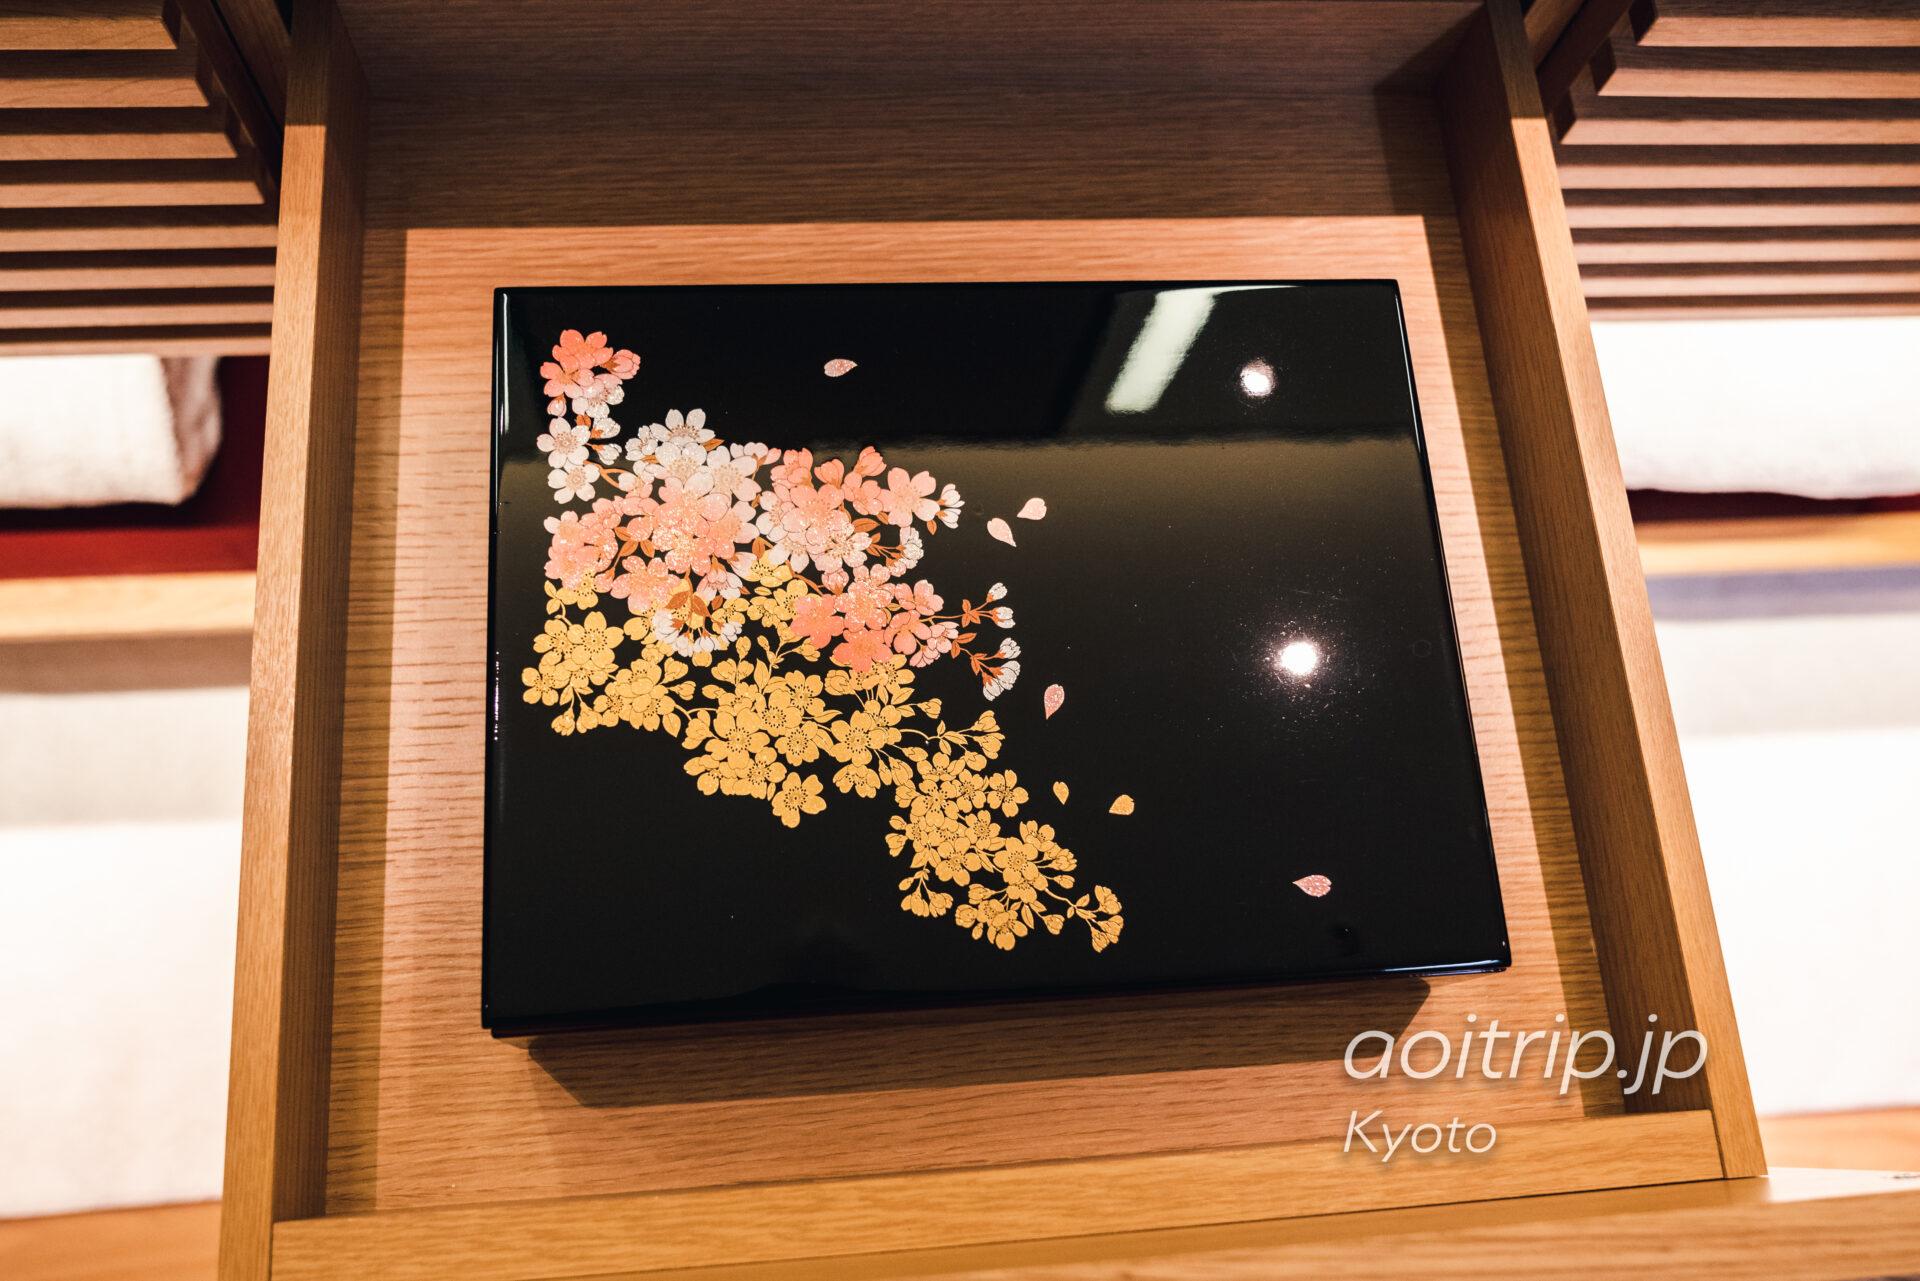 ザ リッツ カールトン京都 The Ritz-Carlton Kyoto コーナースイート KITA Courner Suite KITA アメニティ